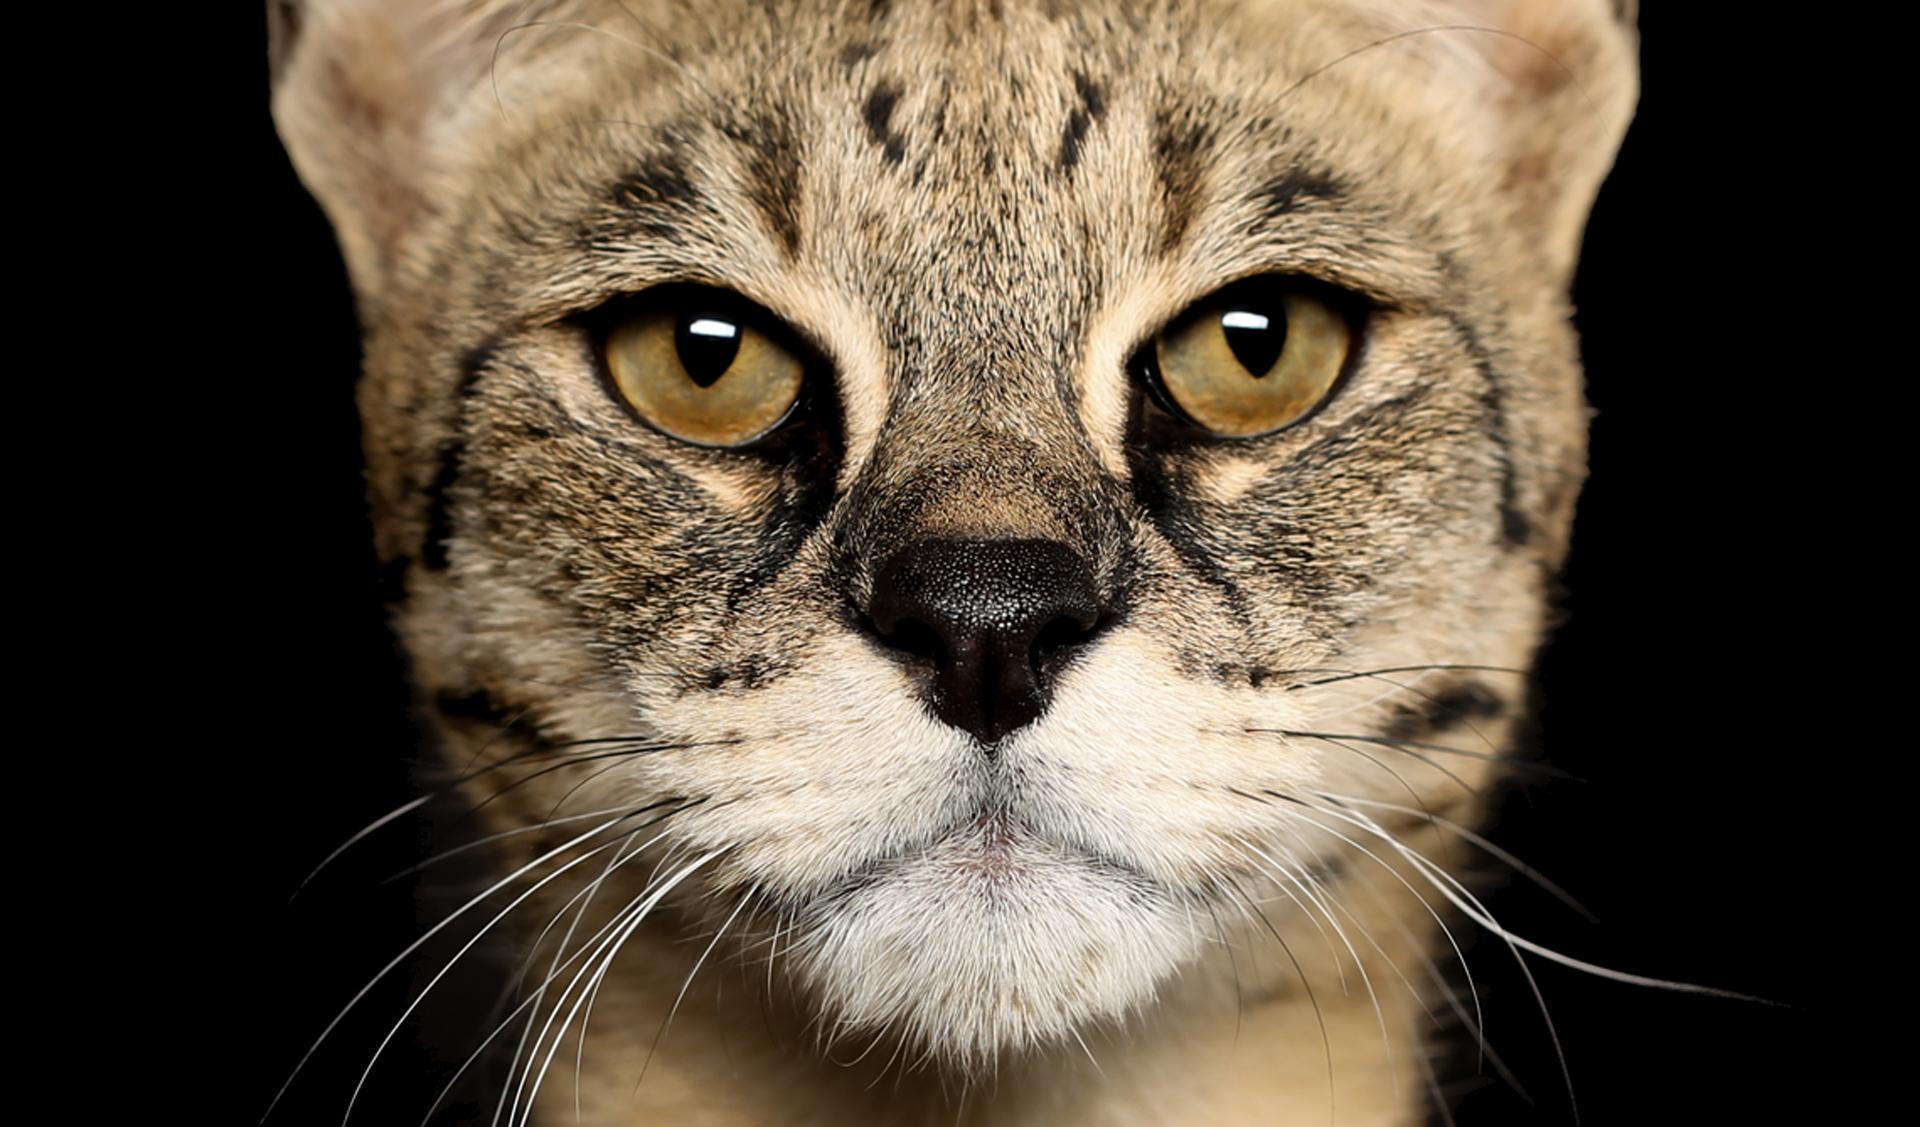 el precio del gato Savannah es bastante costoso, y oscila entre 3000 dólares y 7.000 dólares